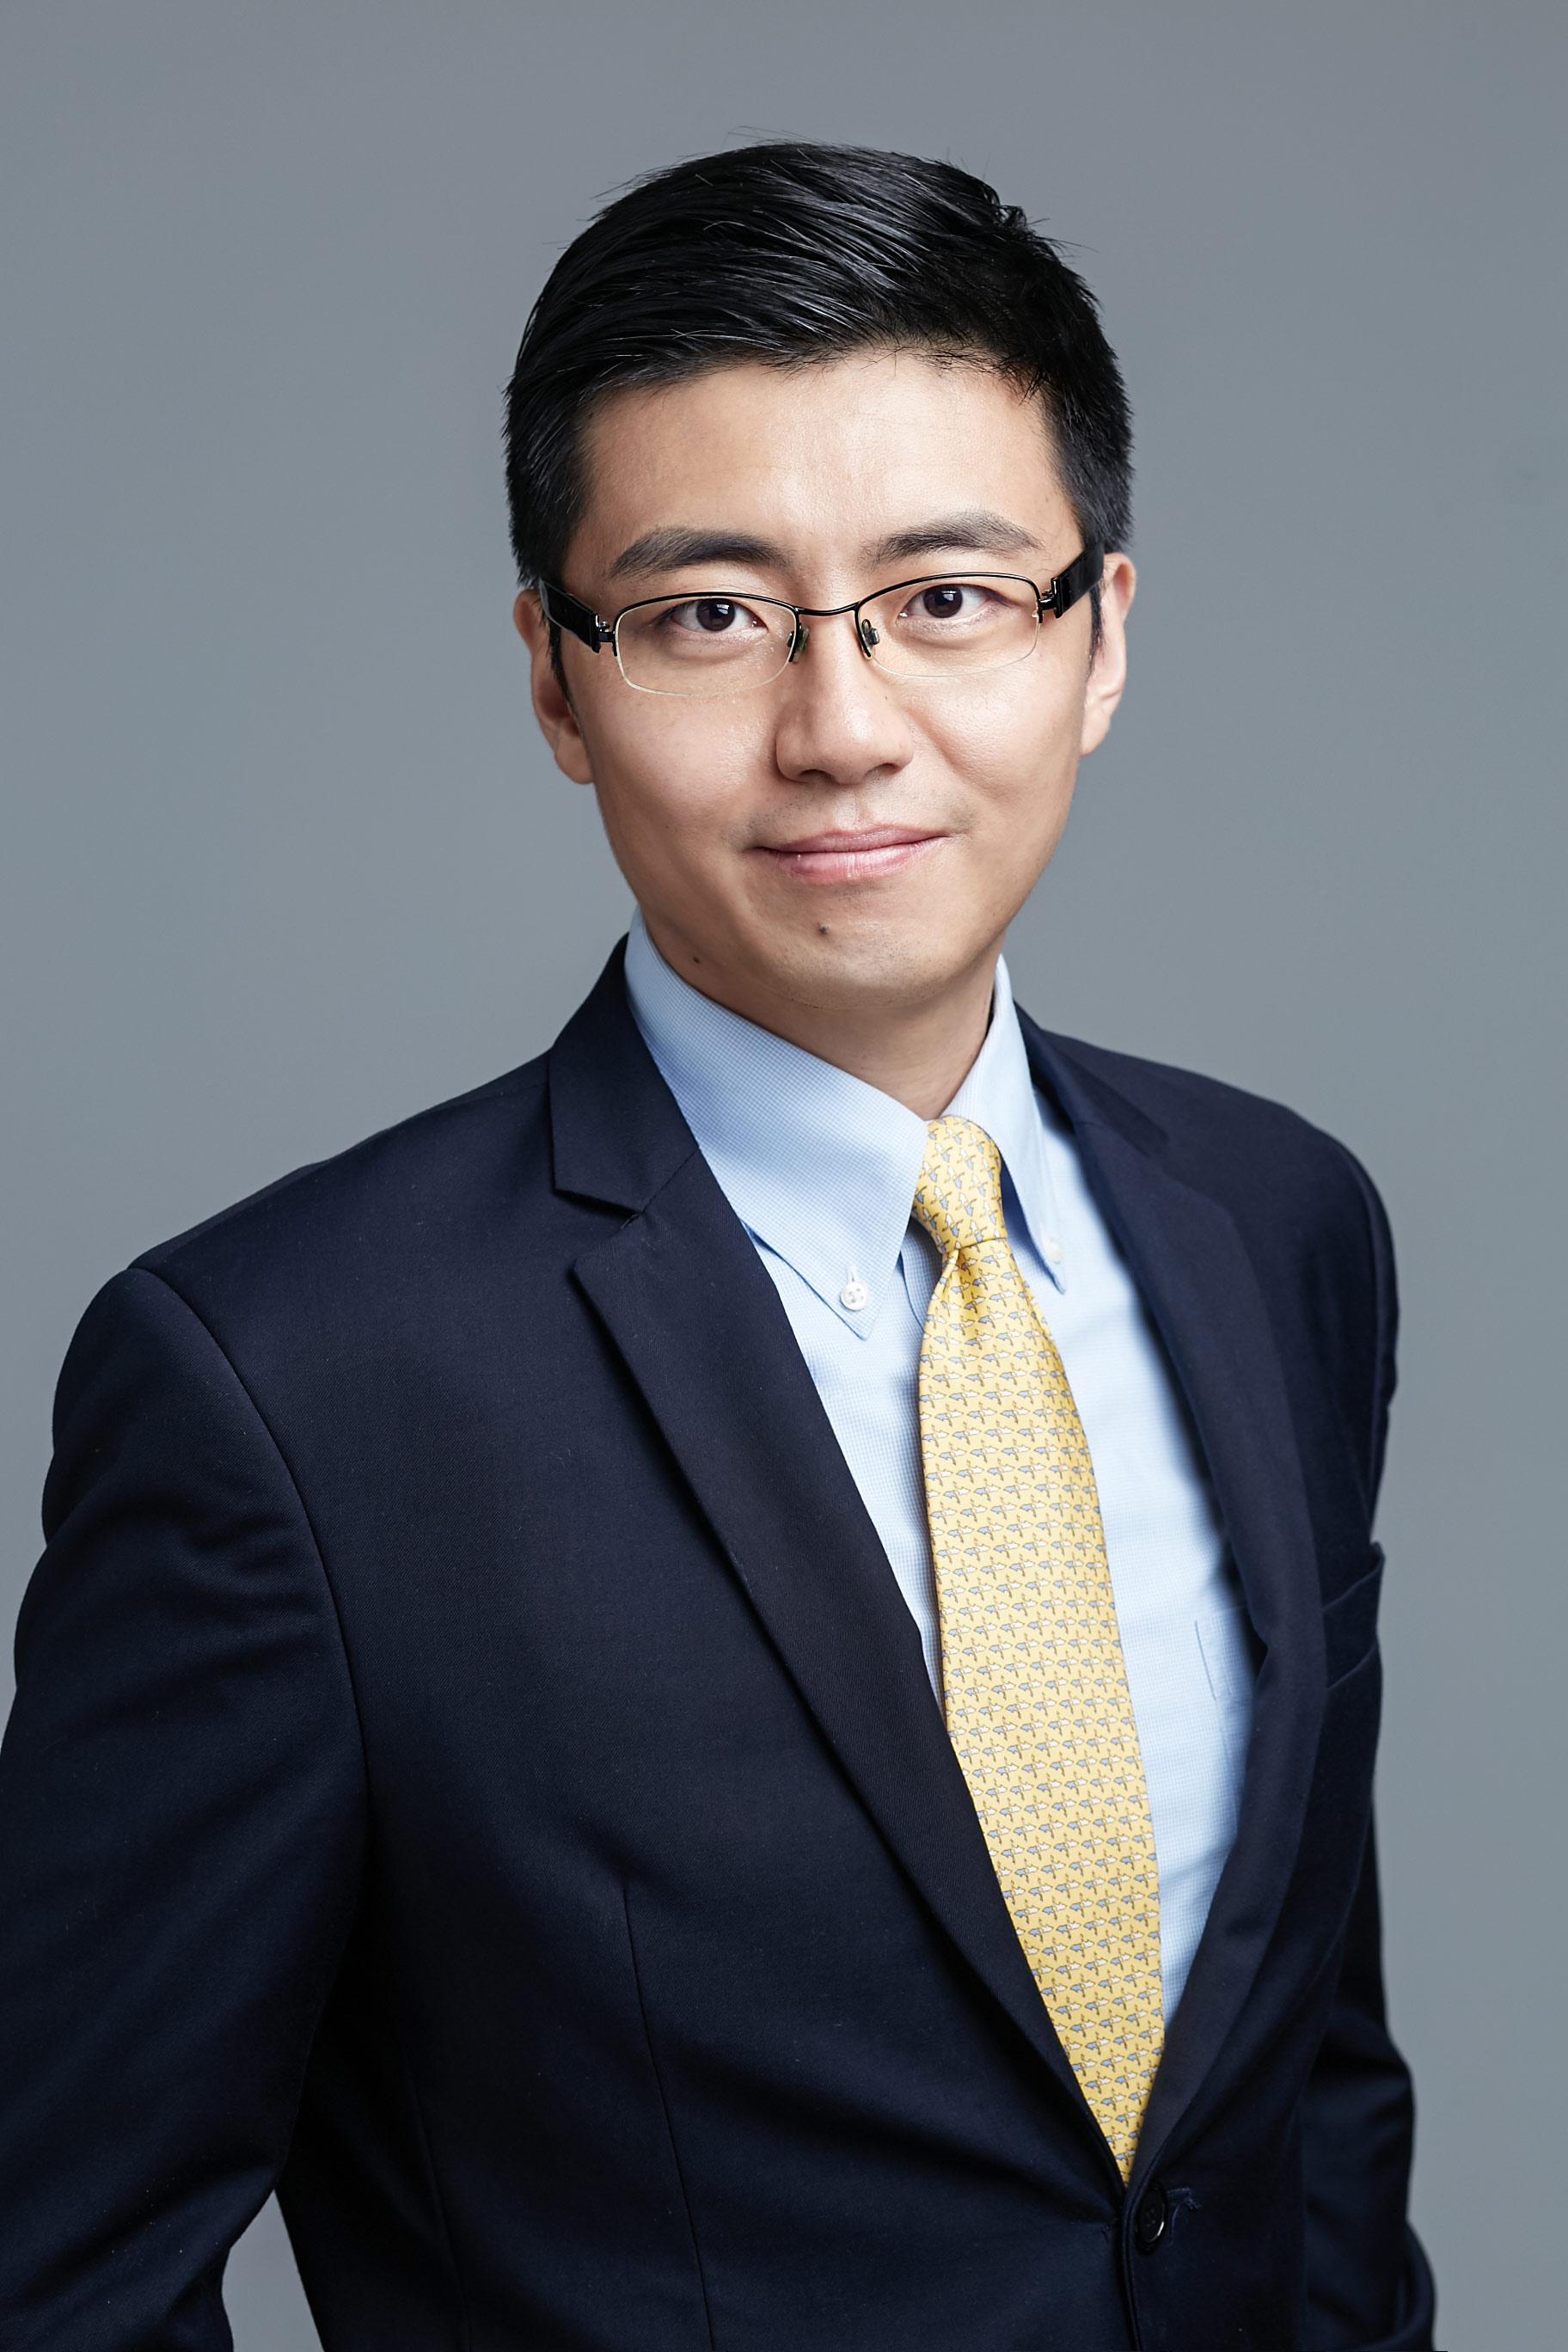 宜人贷副总裁姚远照片